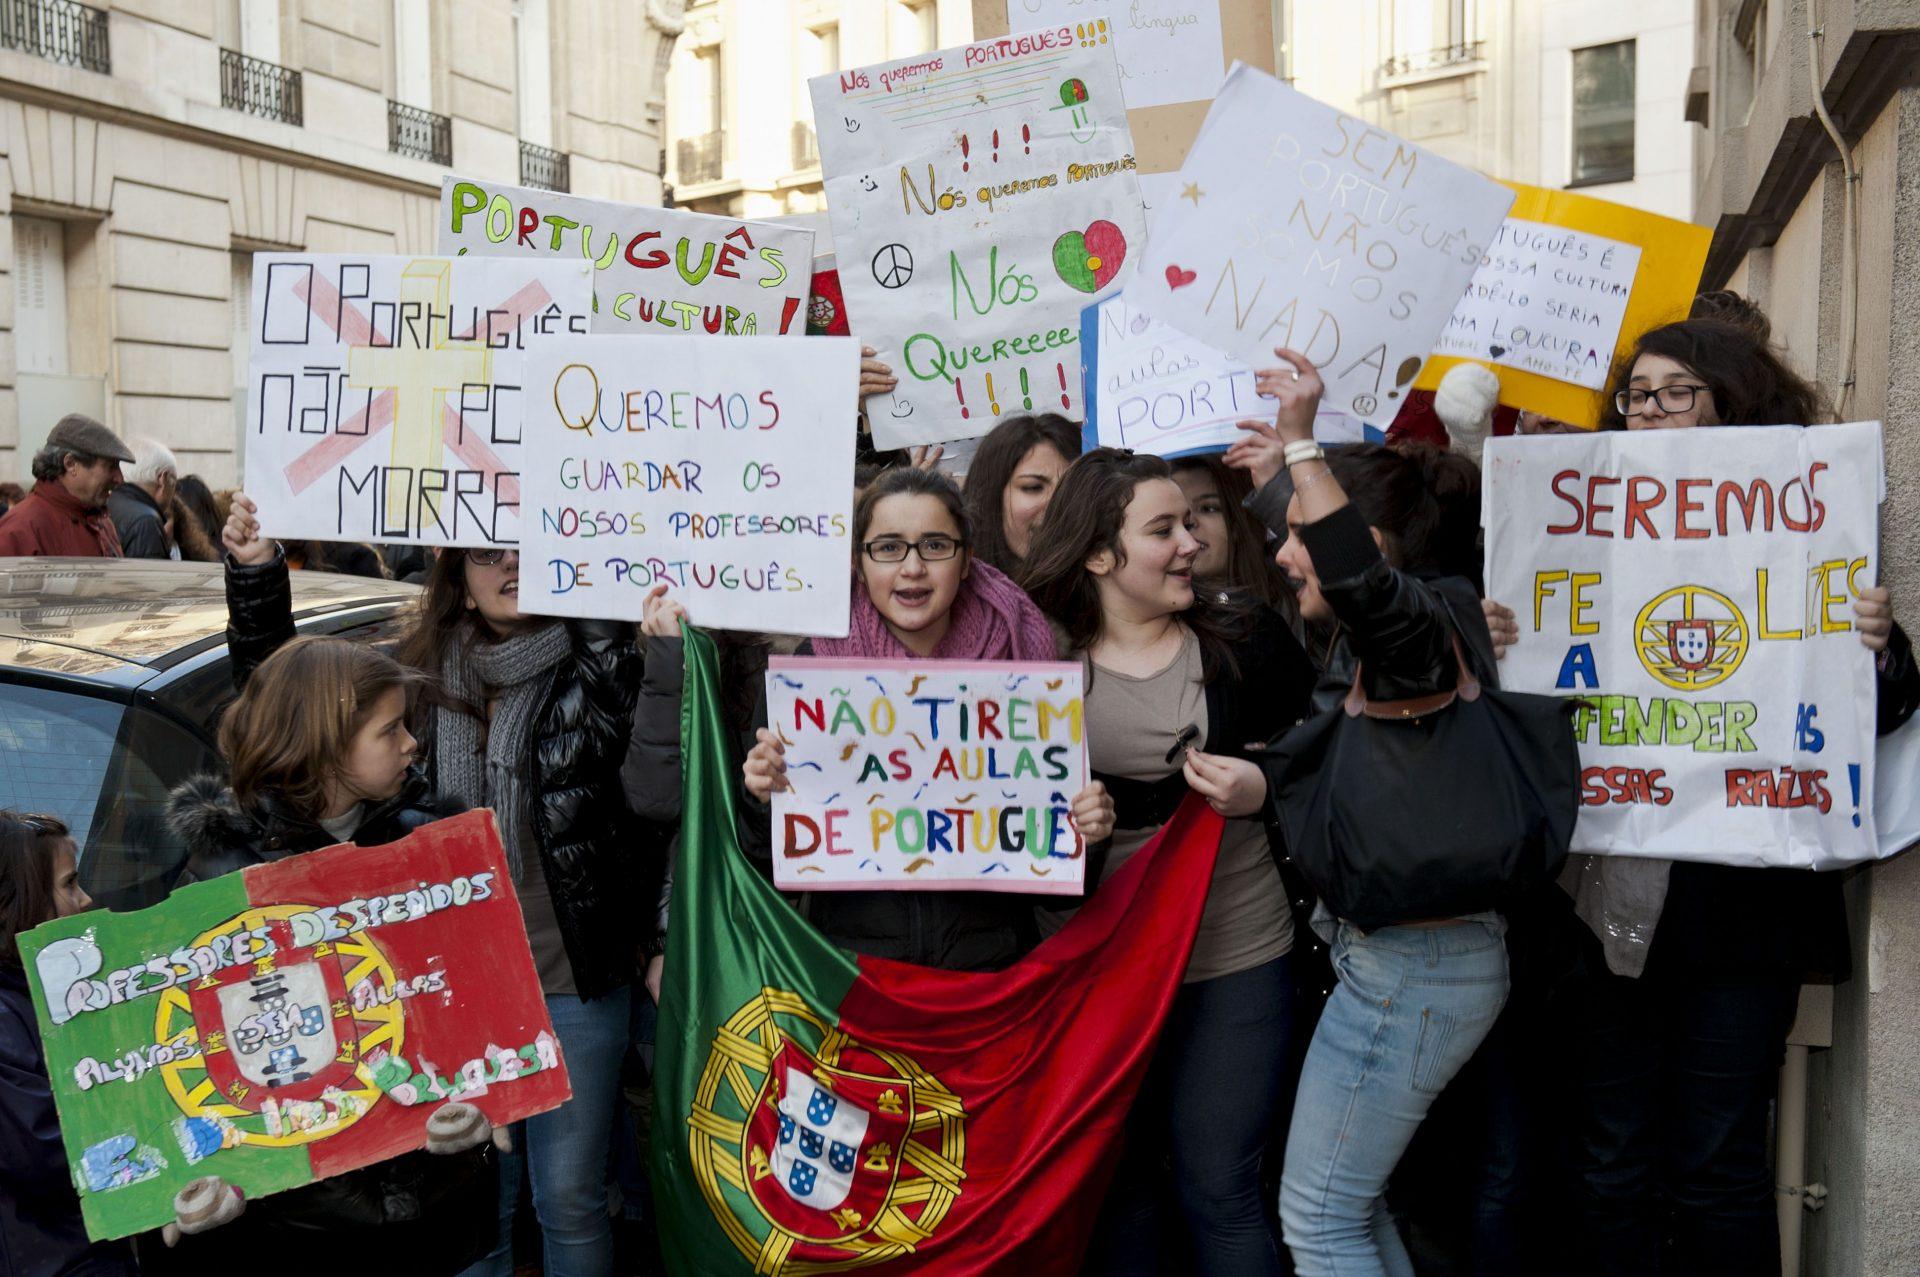 Crianças exibem cartazes durante uma manifestação do Coletivo para a Defesa do Ensino do Português no Estrangeiro, esta tarde junto à embaixada de Portugal em Paris. 14 de janeiro de 2012. REMI-PIERRE RIBIERE/LUSA